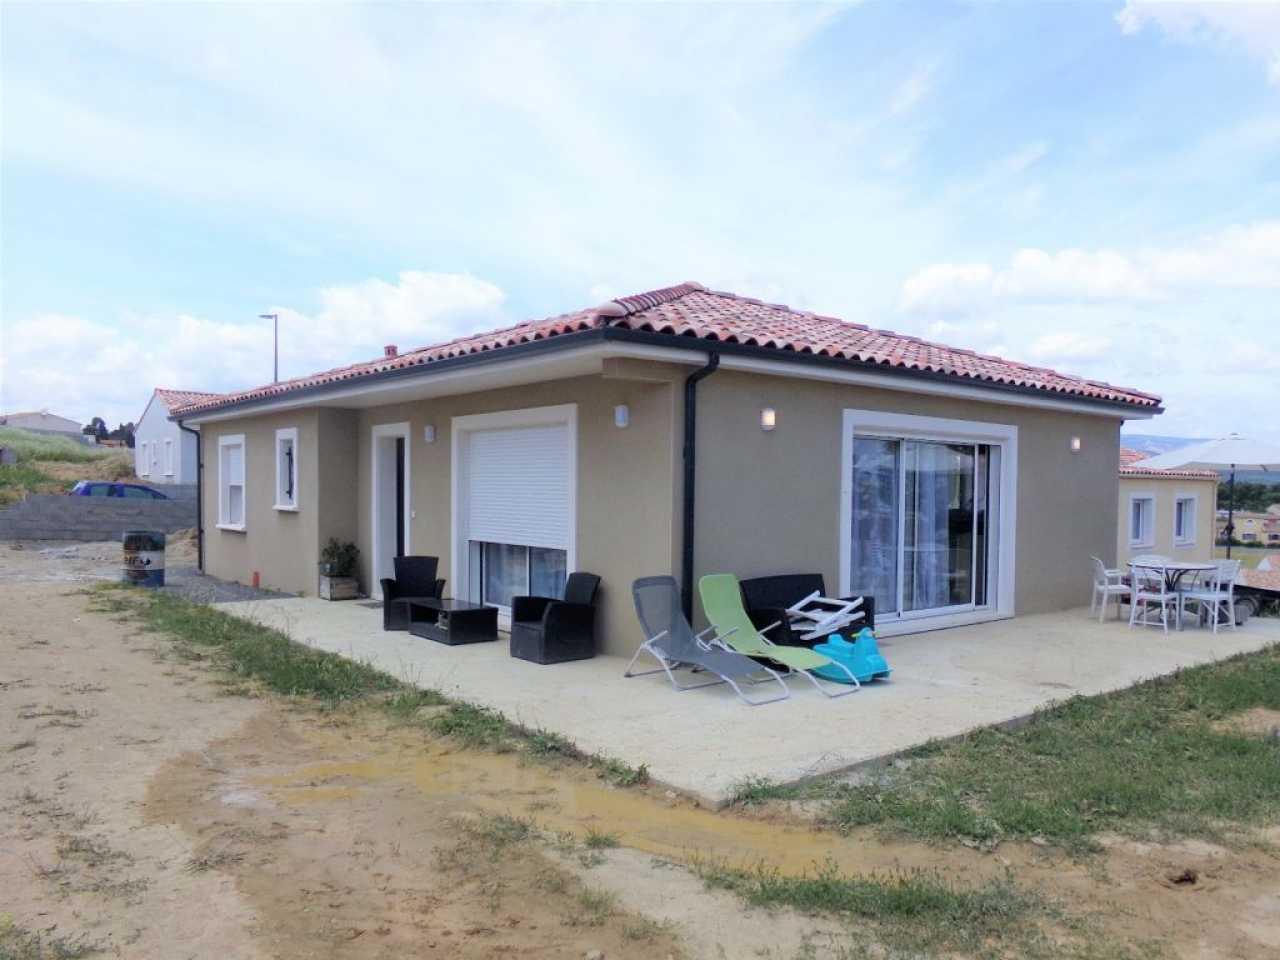 House CARCASSONNAIS | 180 000 €